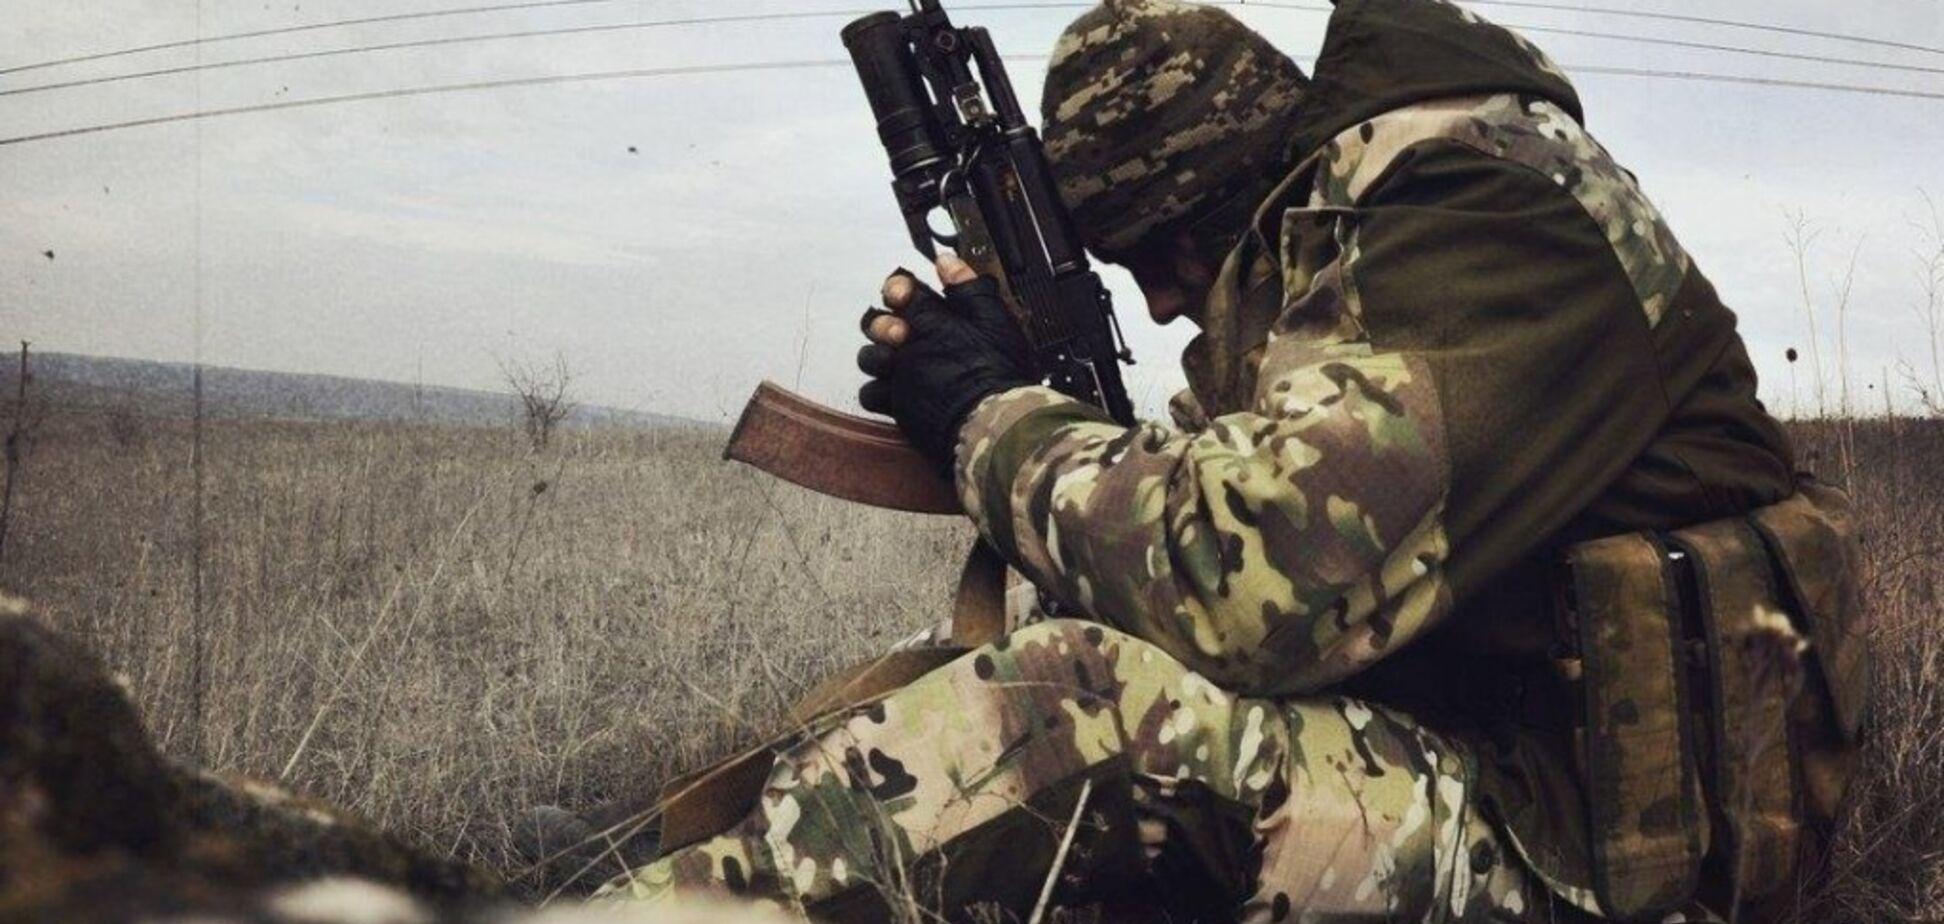 Війна за незалежність України забрала тисячі життів: опублікована страшна цифра